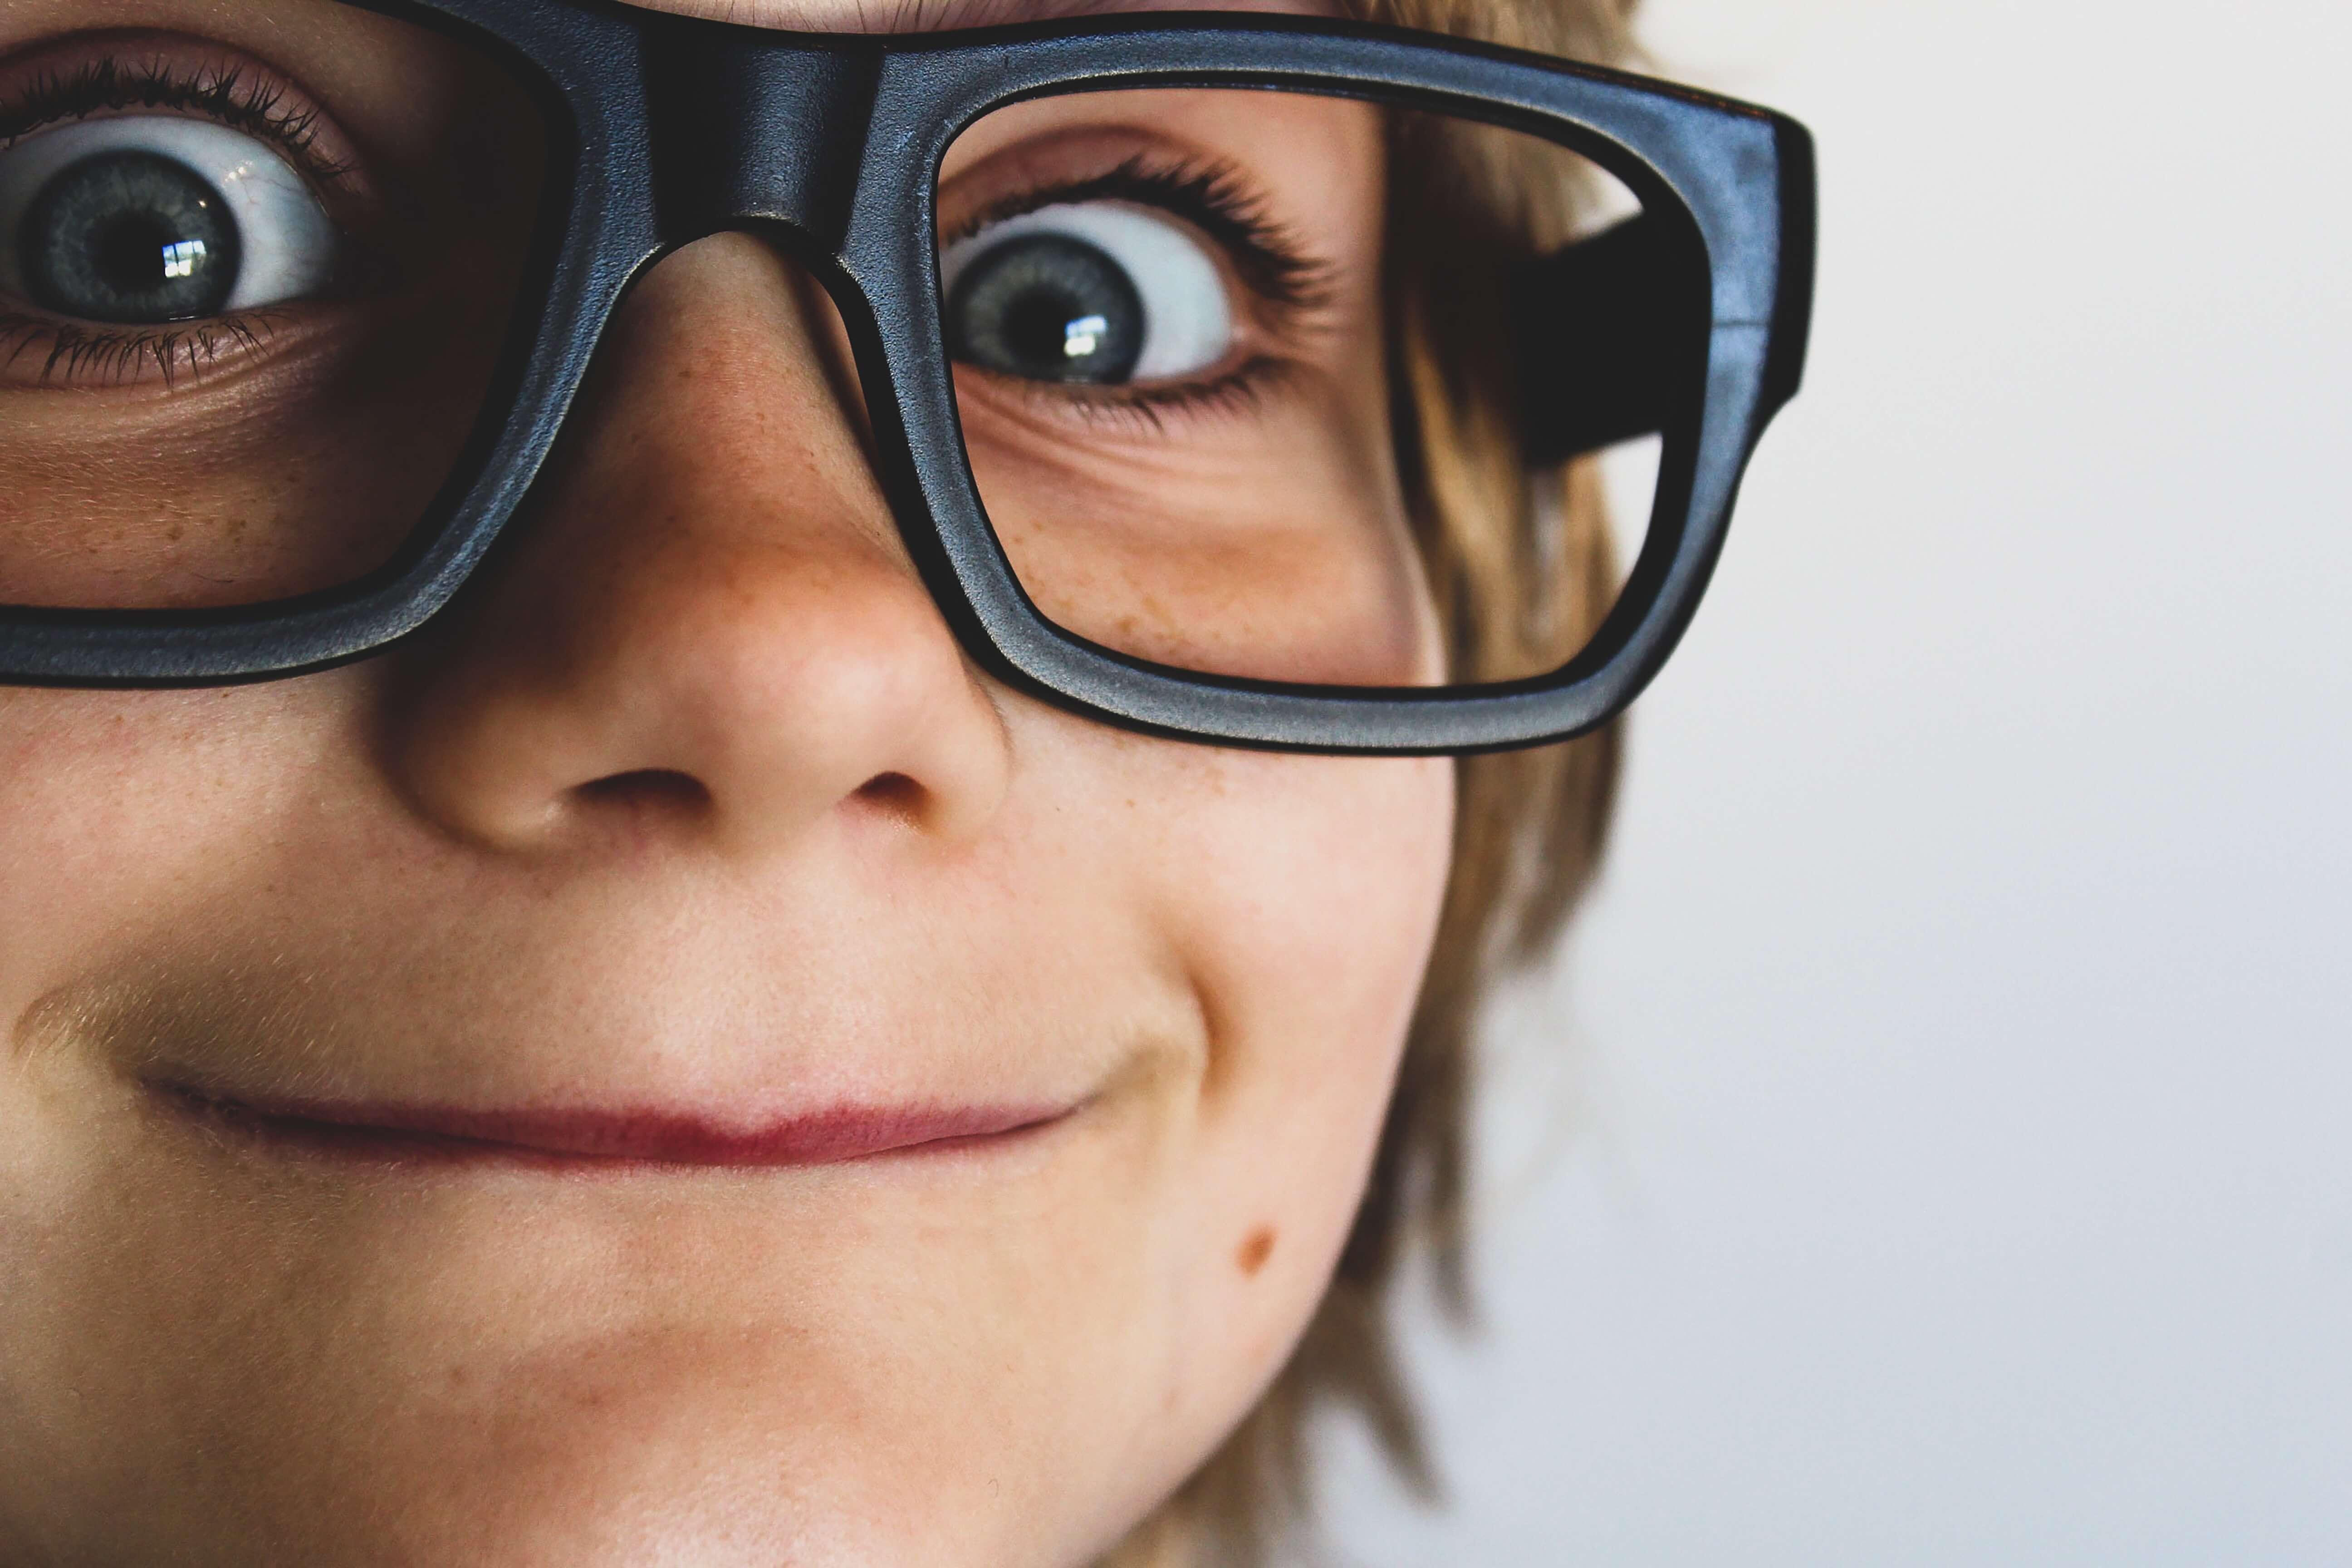 メガネをかけている子ども